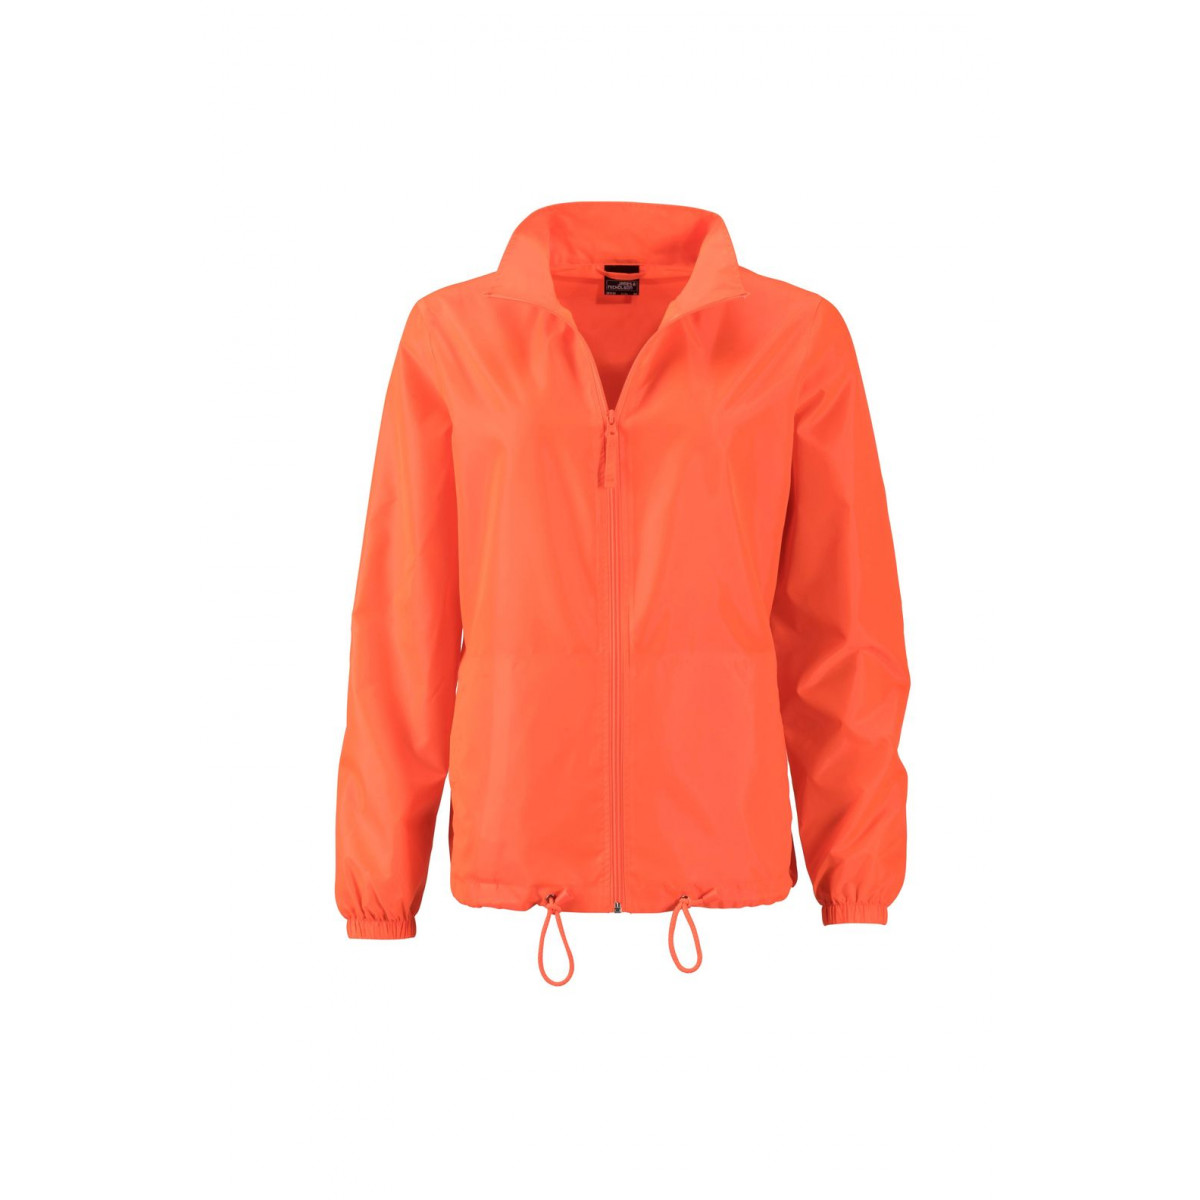 Куртка женская JN1131 Ladies Promo Jacket - Ярко-оранжевый